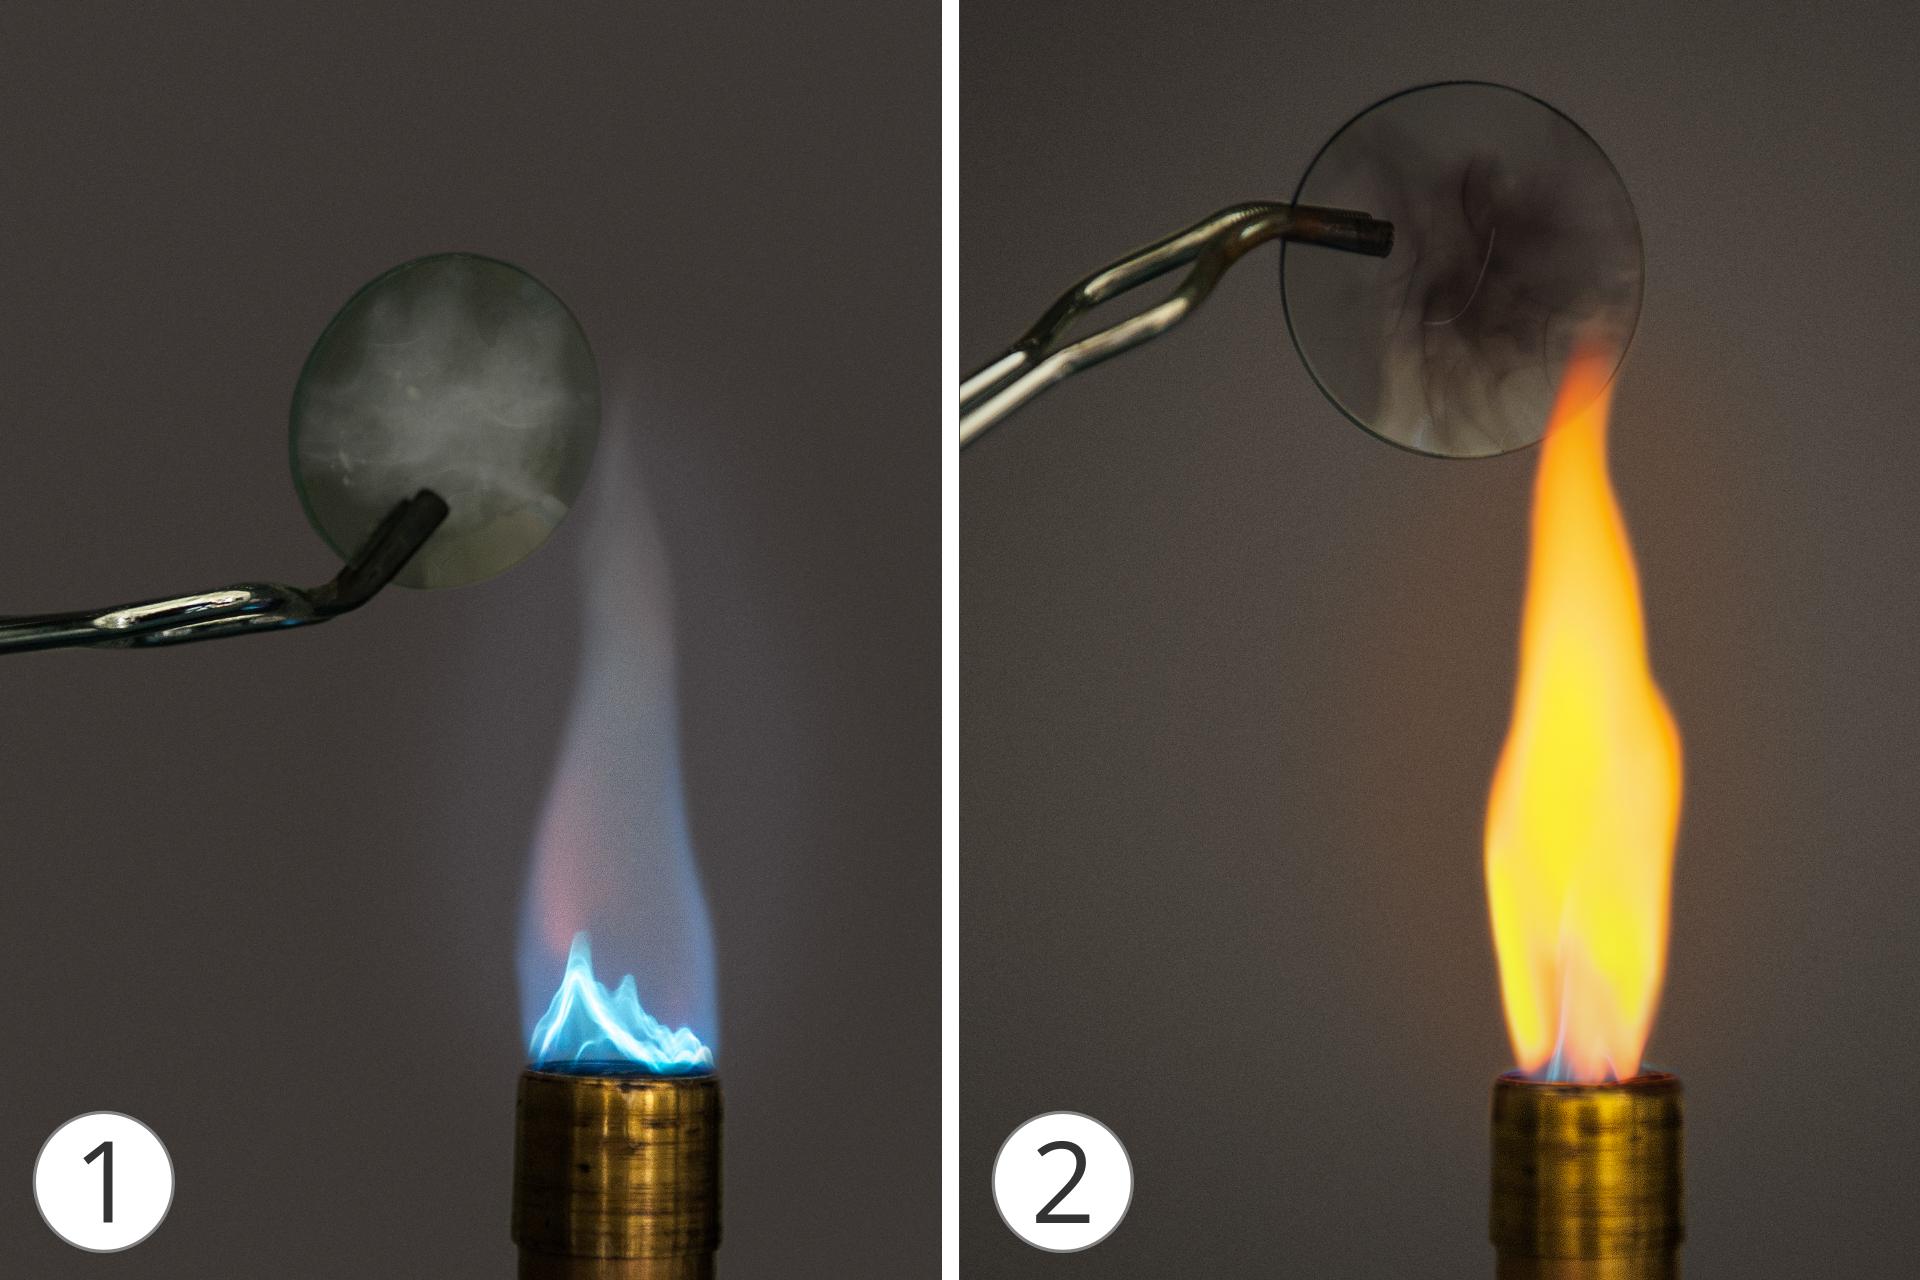 Galeria dwóch zdjęć, na każdym znich włączony palnik oraz ponad szkiełko. 1 zdjęcie przedstawia nieograniczony dostęp tlenu – bladoniebieski płomień, 2 zdjęcie przy ograniczonym dostępie powietrza (tlenu) płomień przyjmuje żółtą barwę, ana trzymanym przy wylocie szkiełku pojawia się czarny nalot – sadza.